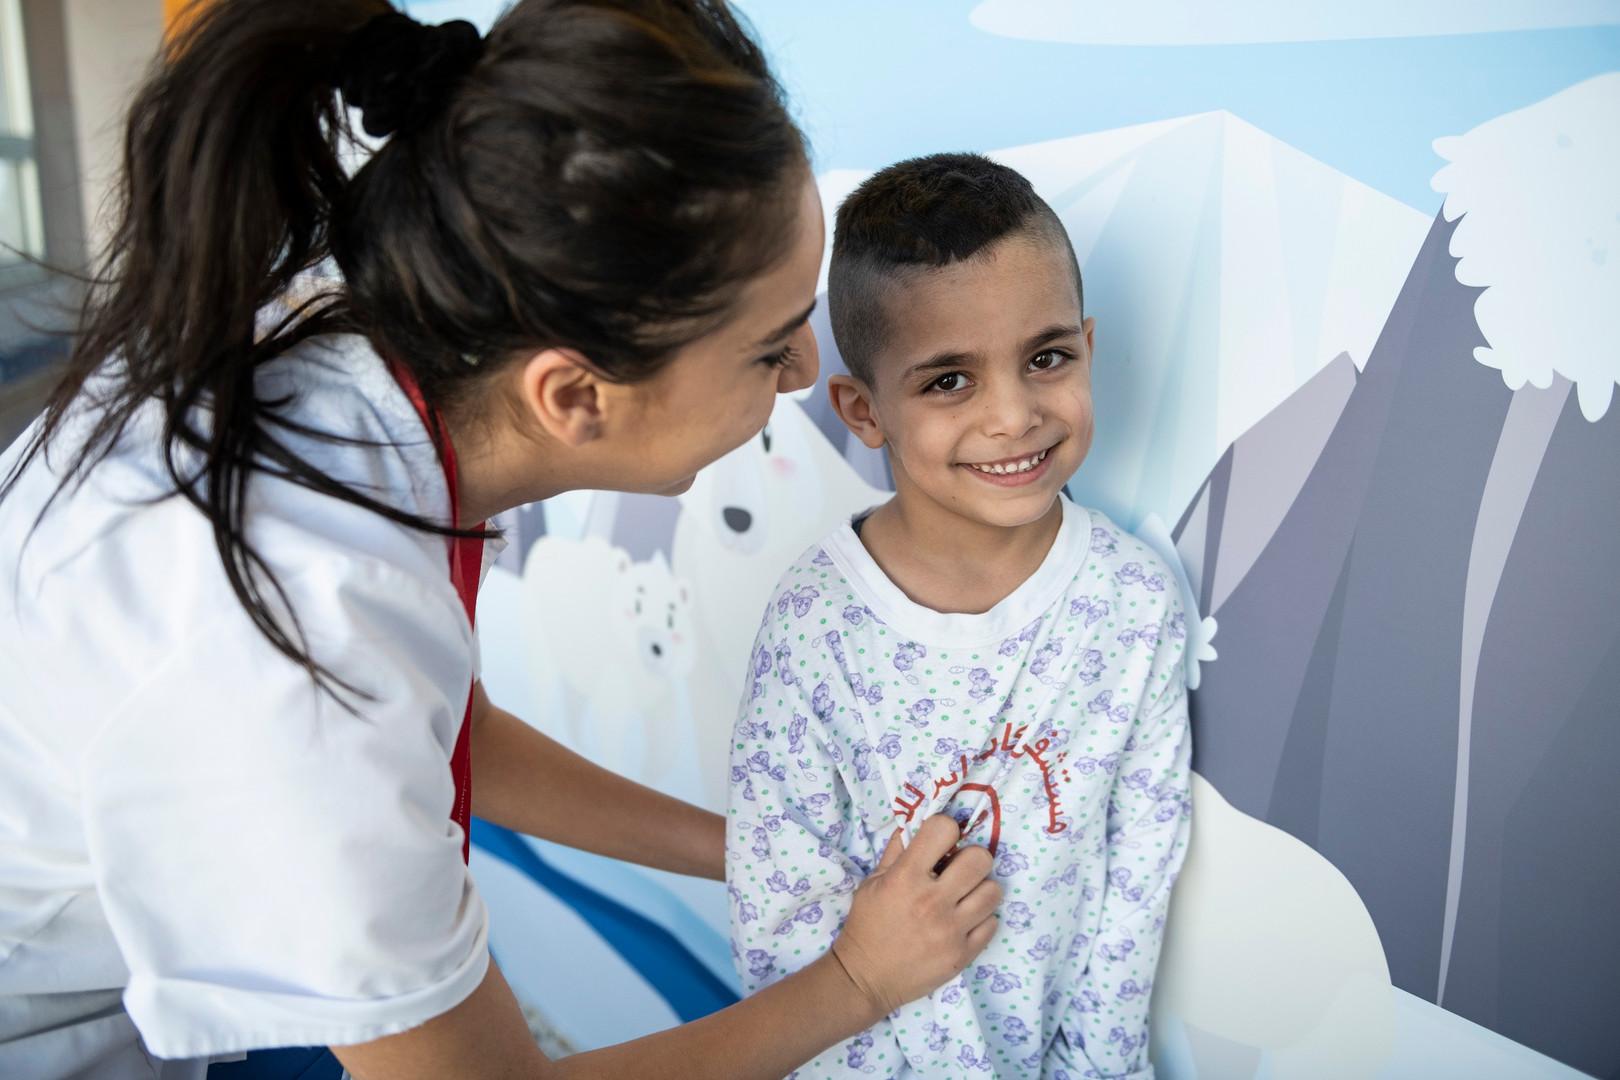 Ein junger Patient auf der Pflegestation